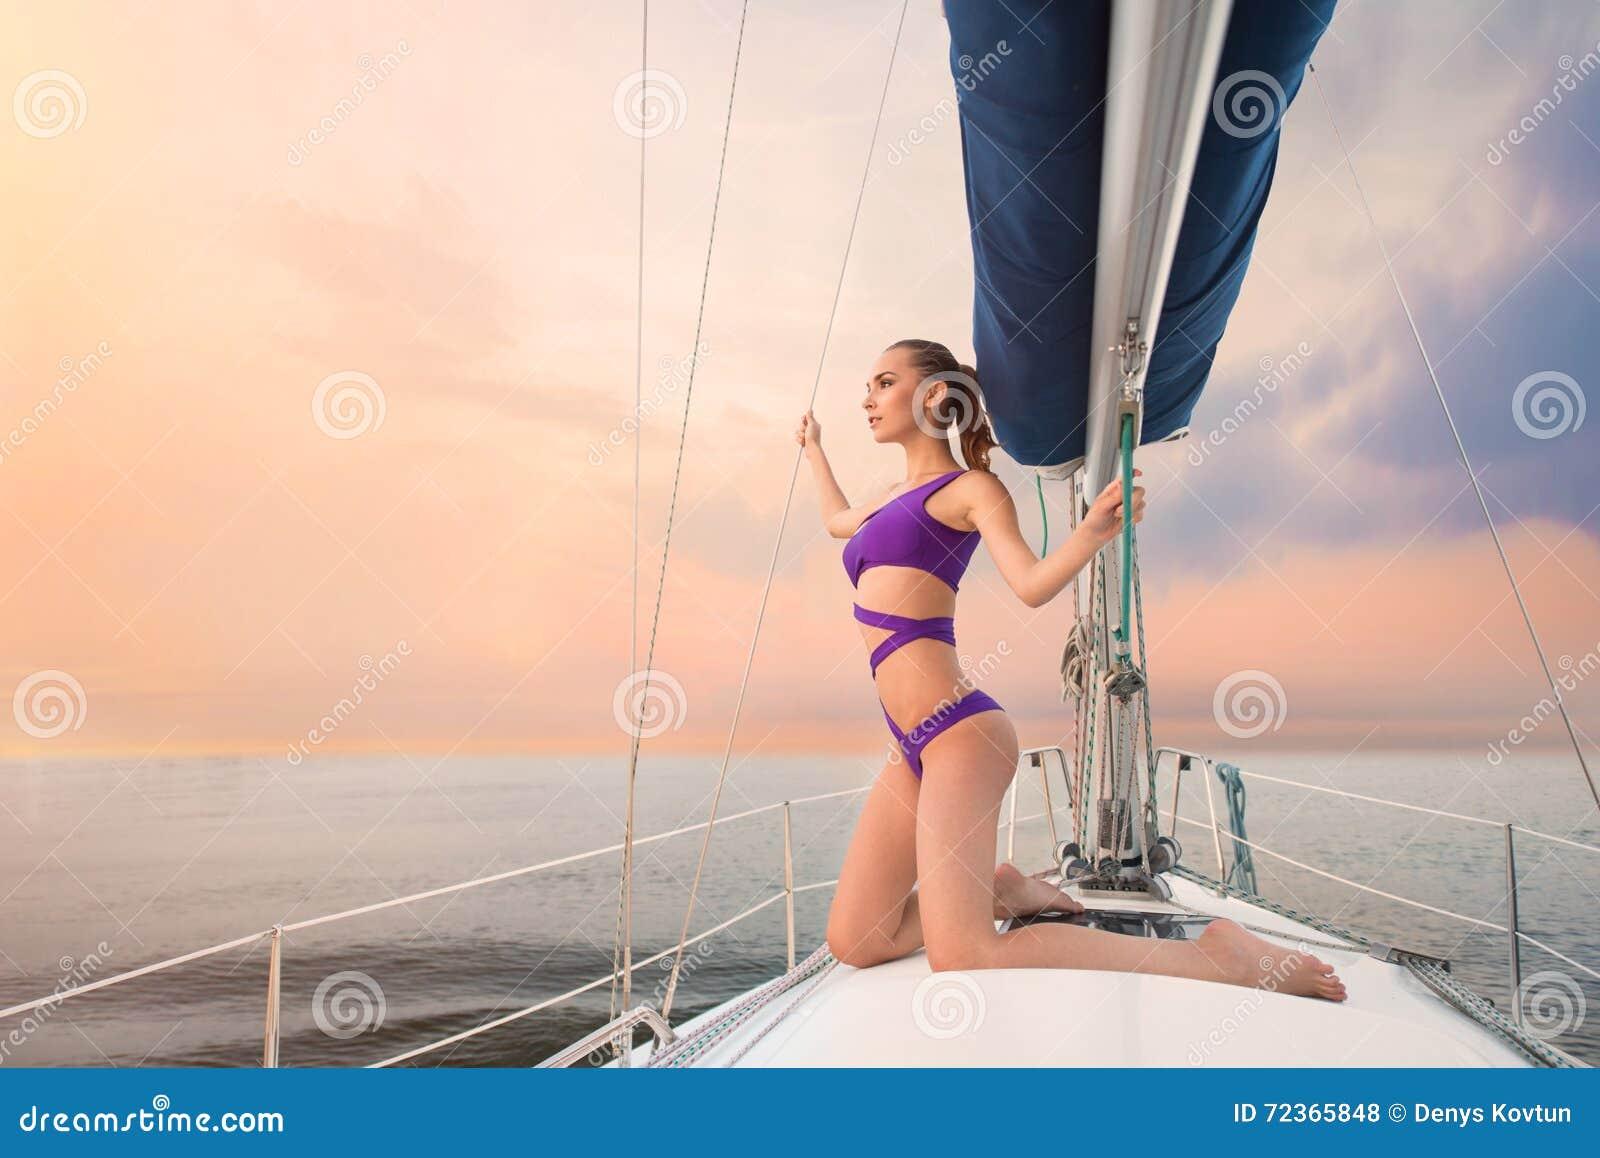 泳装的女孩在游艇